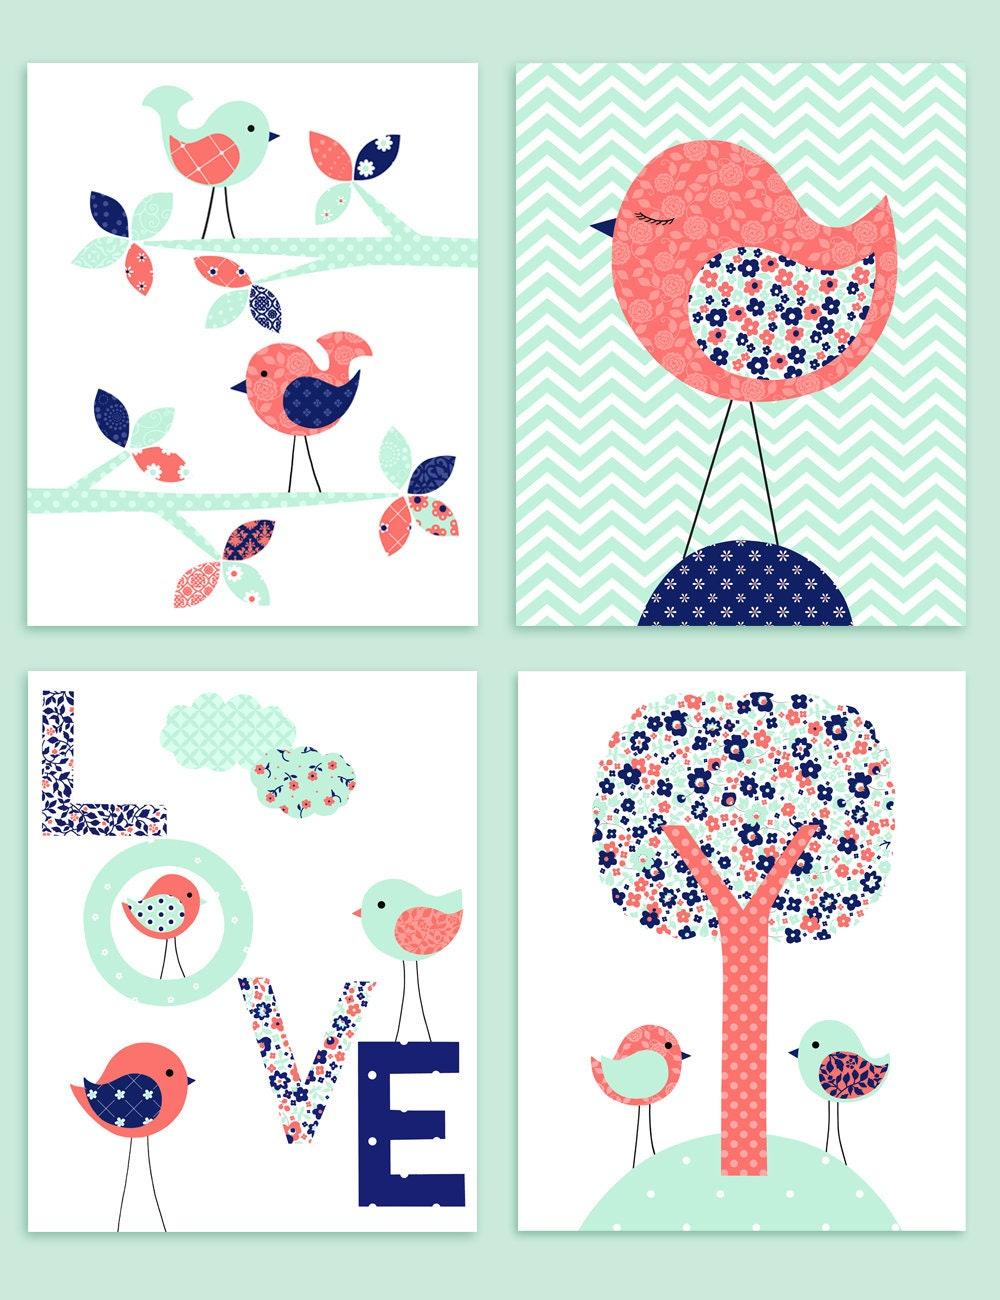 vogel kinderzimmer kunst baby m dchen raum dekor koralle. Black Bedroom Furniture Sets. Home Design Ideas